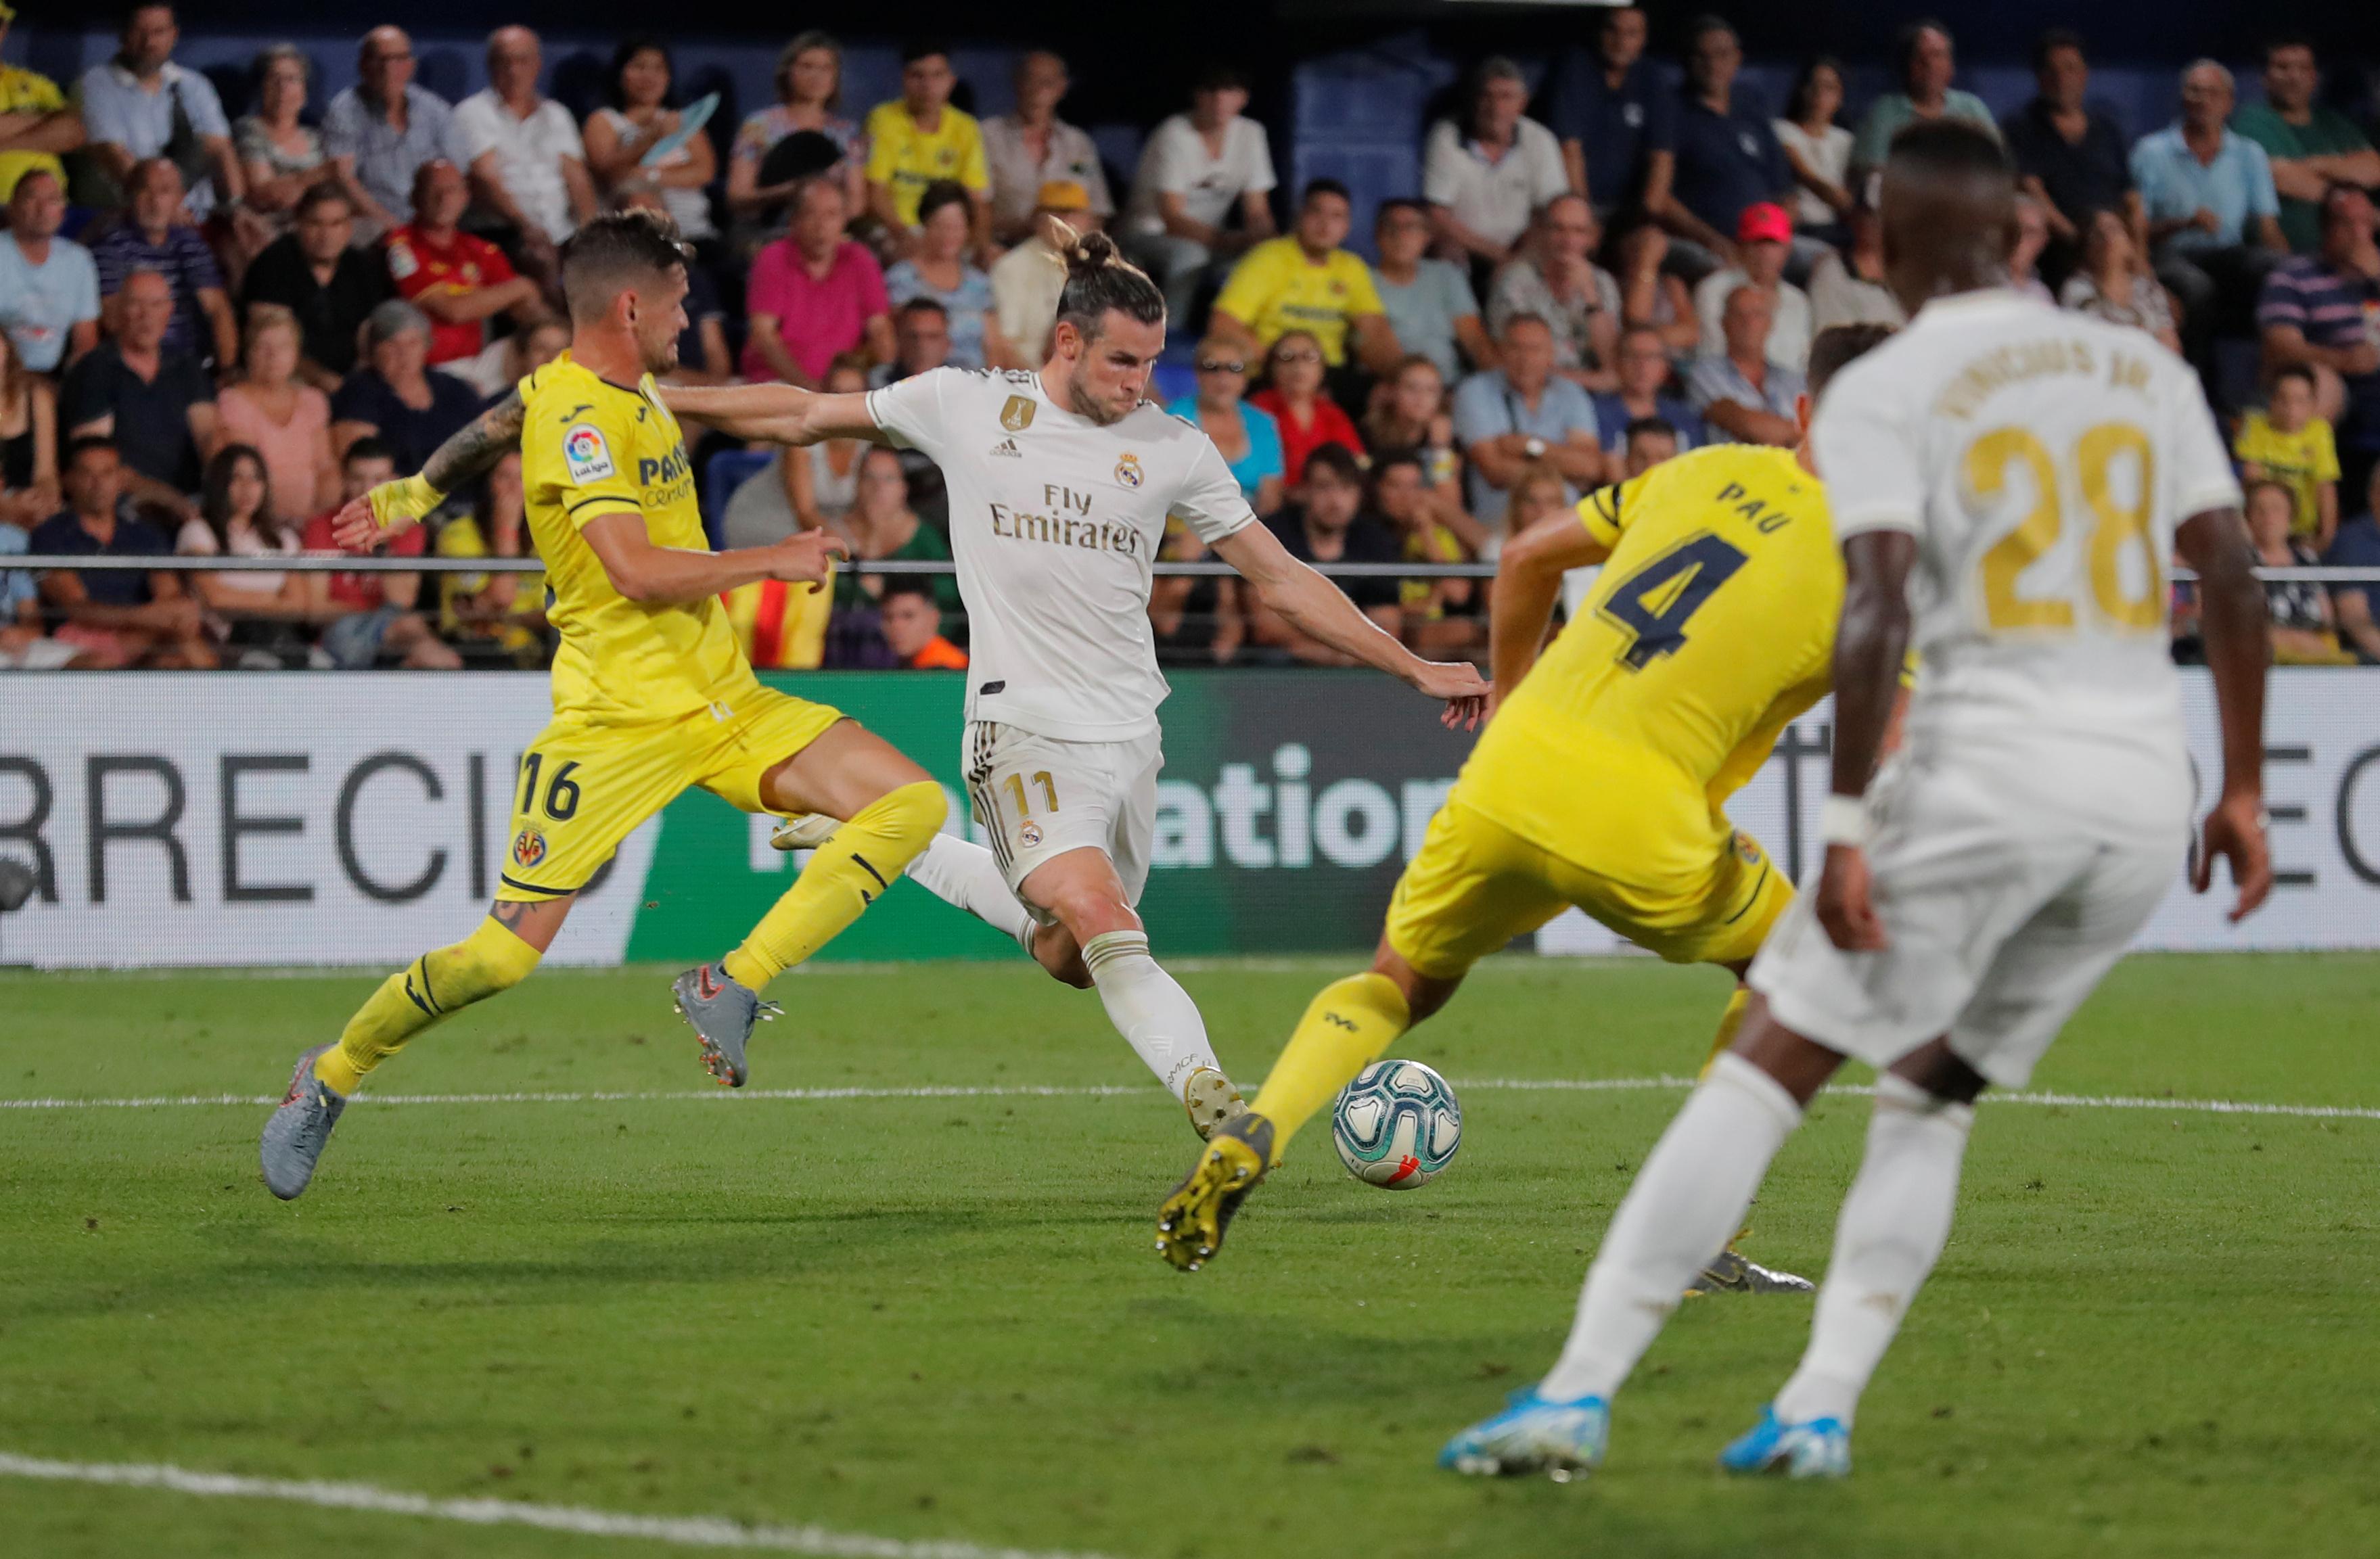 Liga : Encore un faux-pas pour le Real